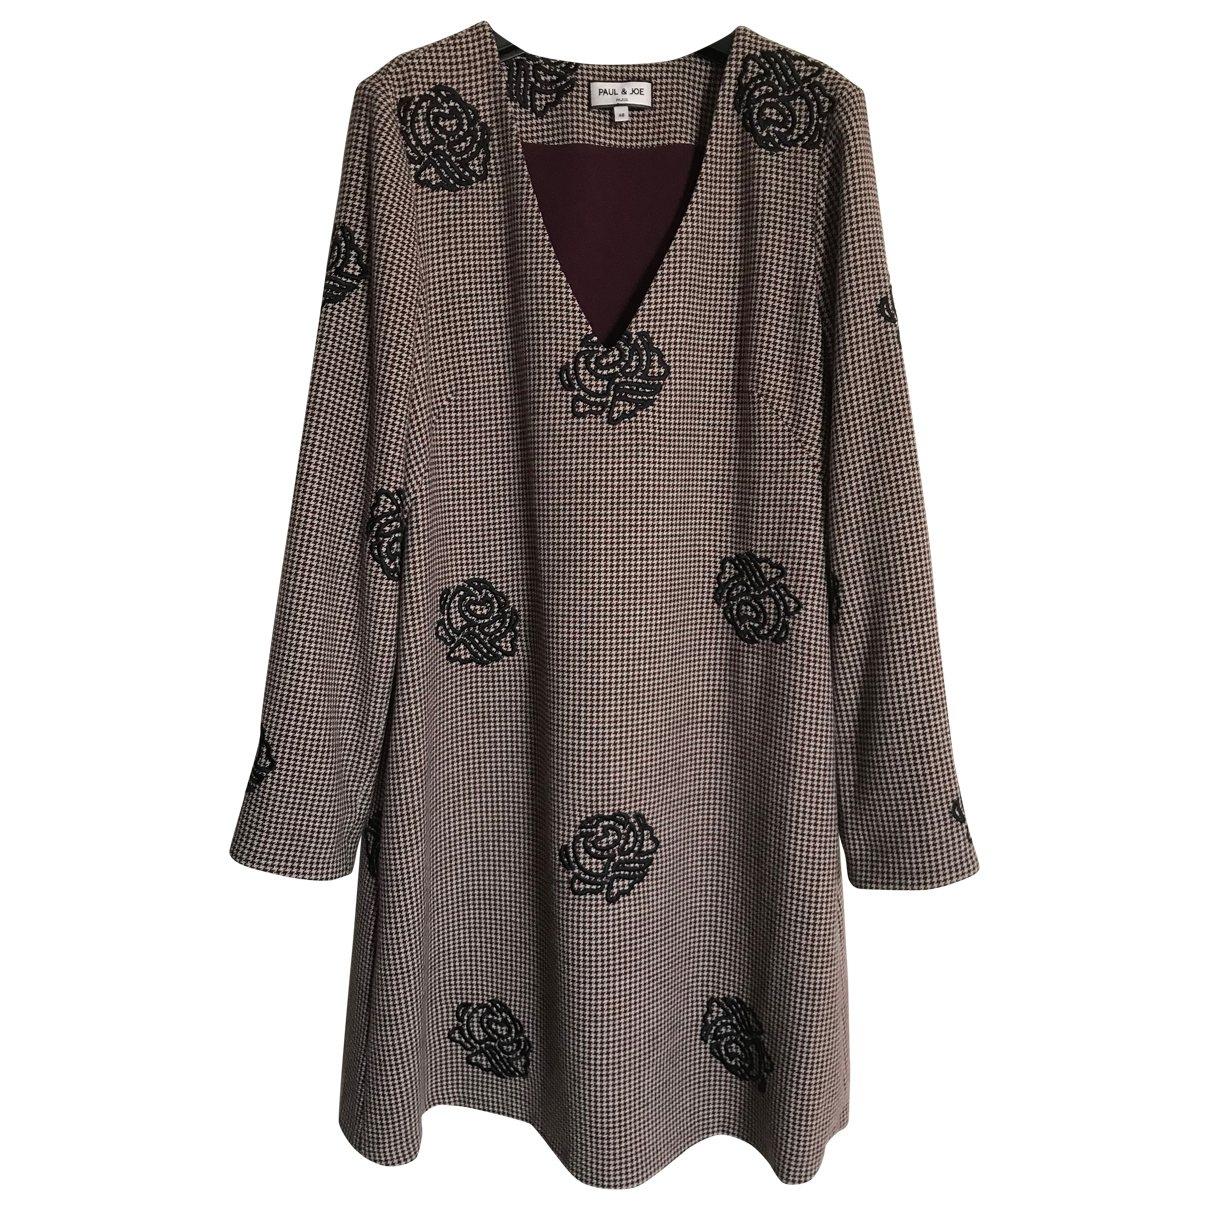 Paul & Joe \N Burgundy dress for Women 40 FR